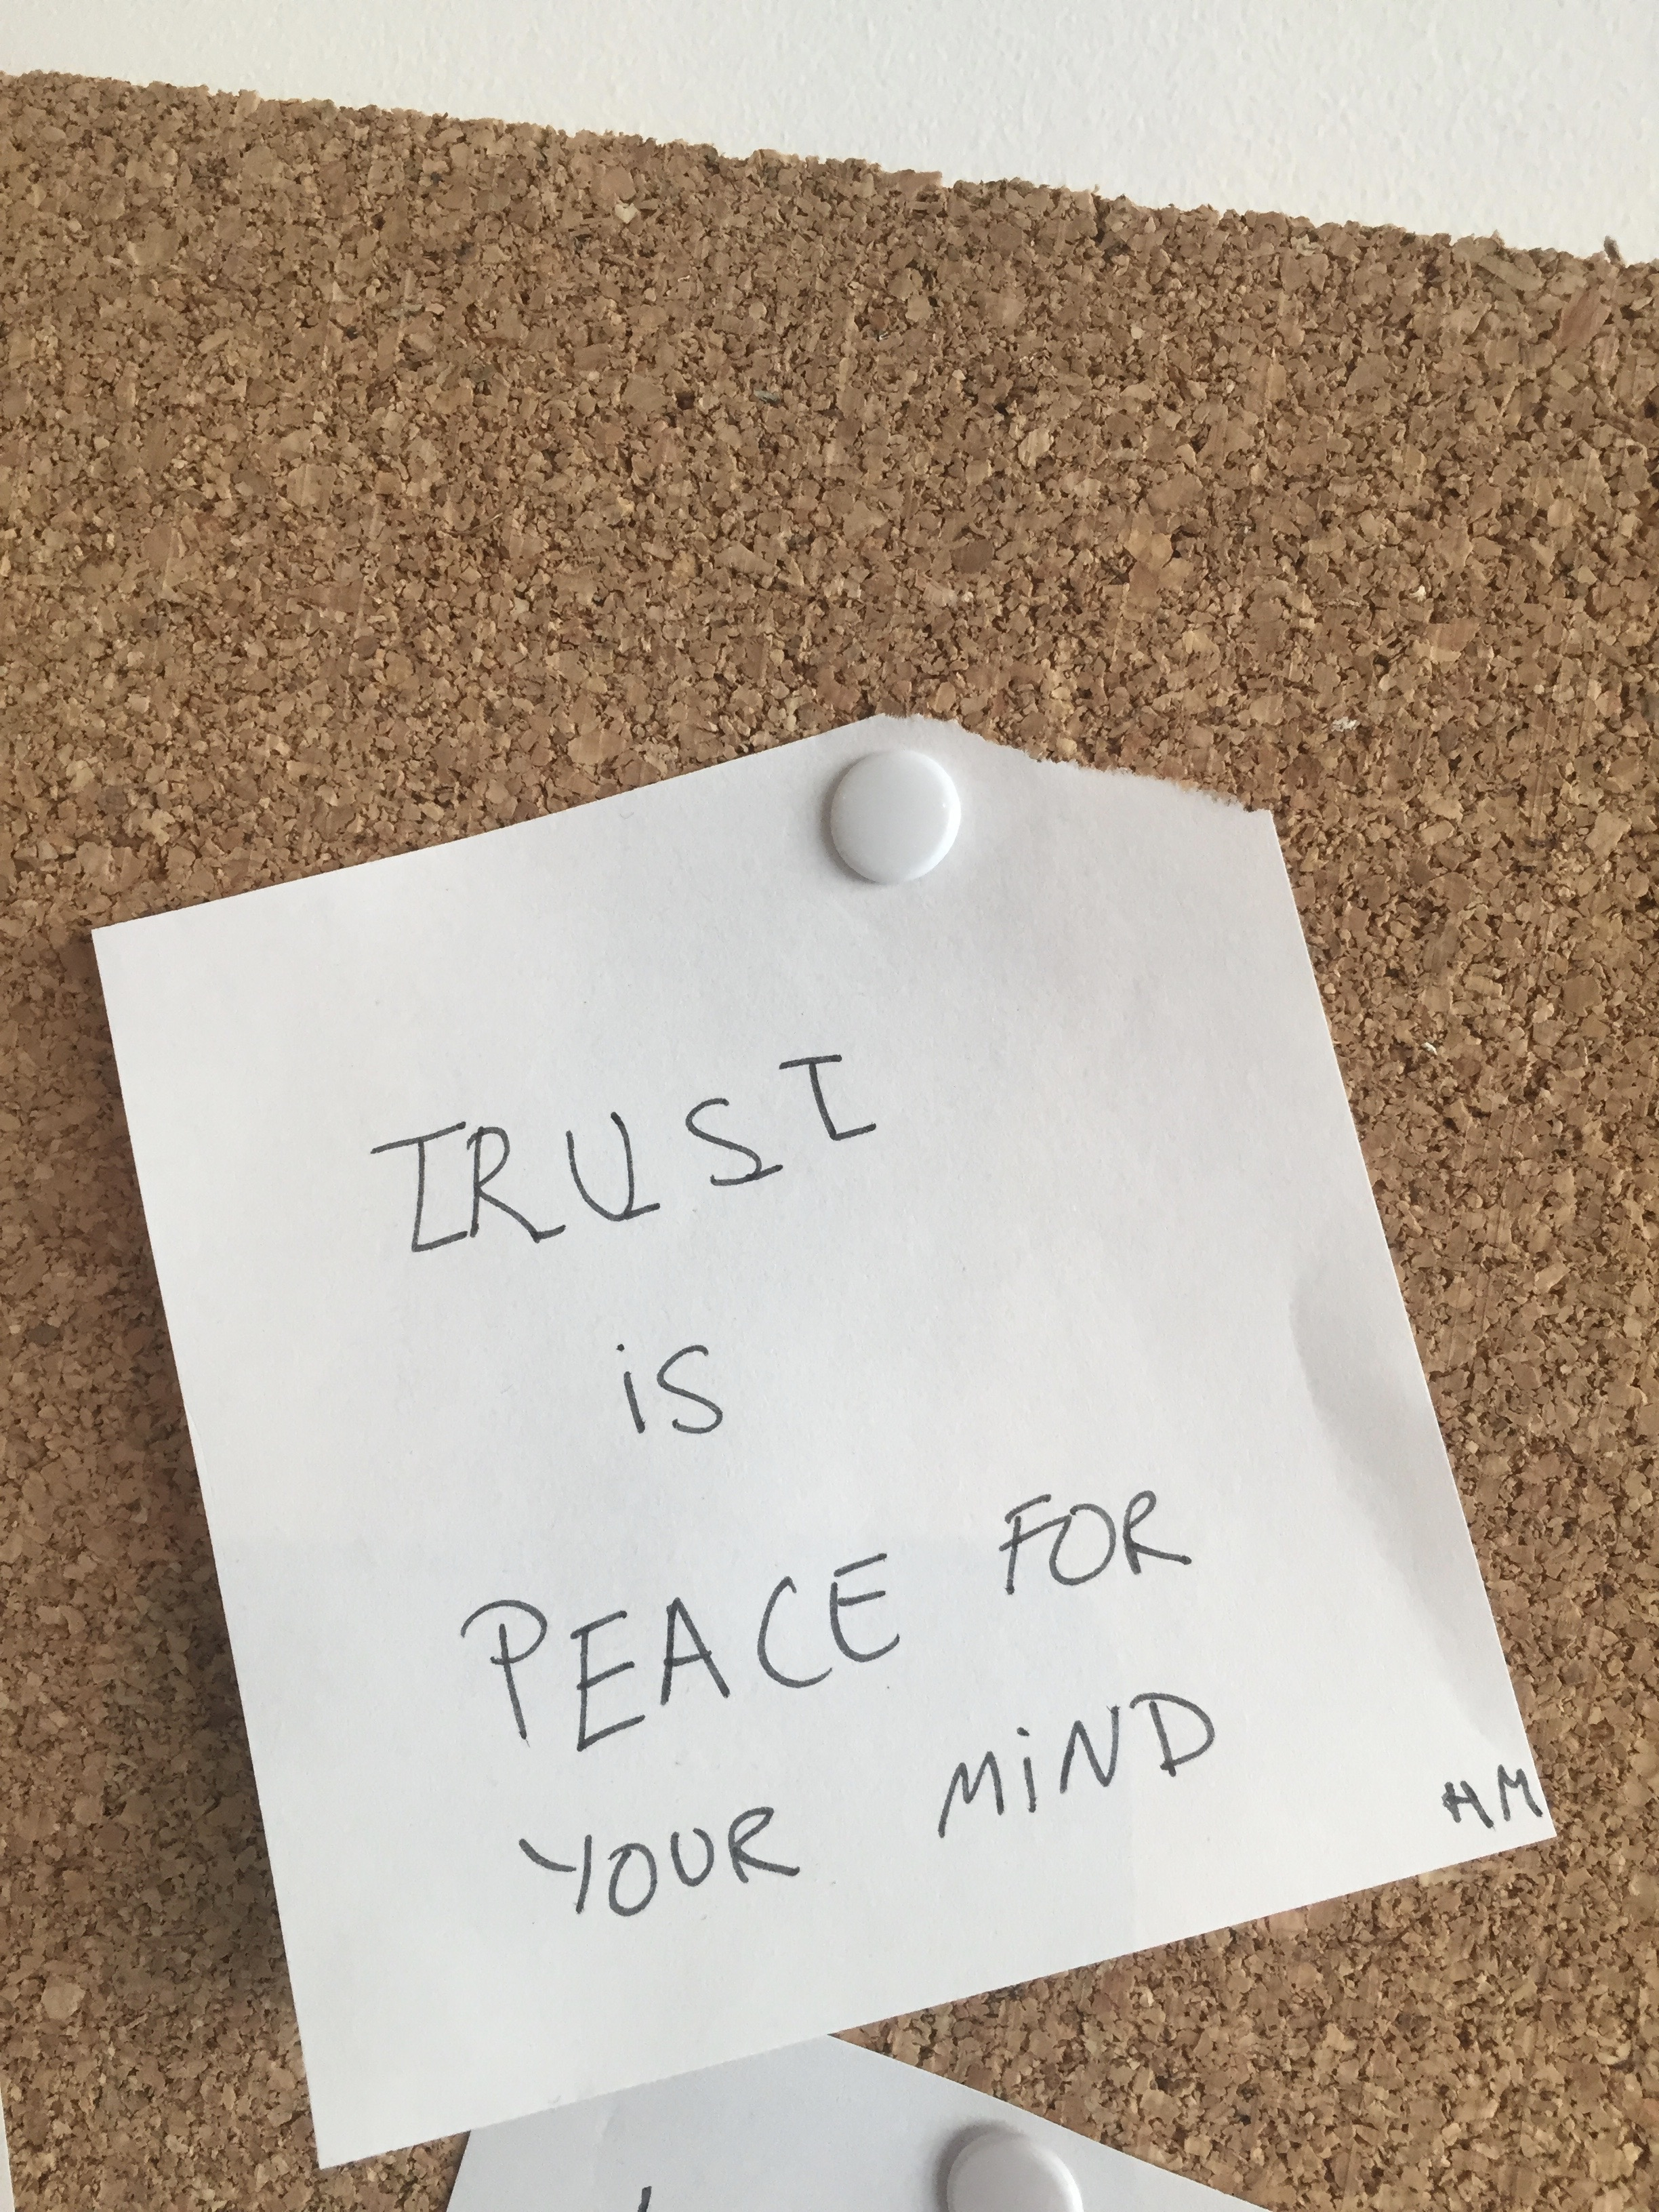 Description: Trust is Peace Post-It